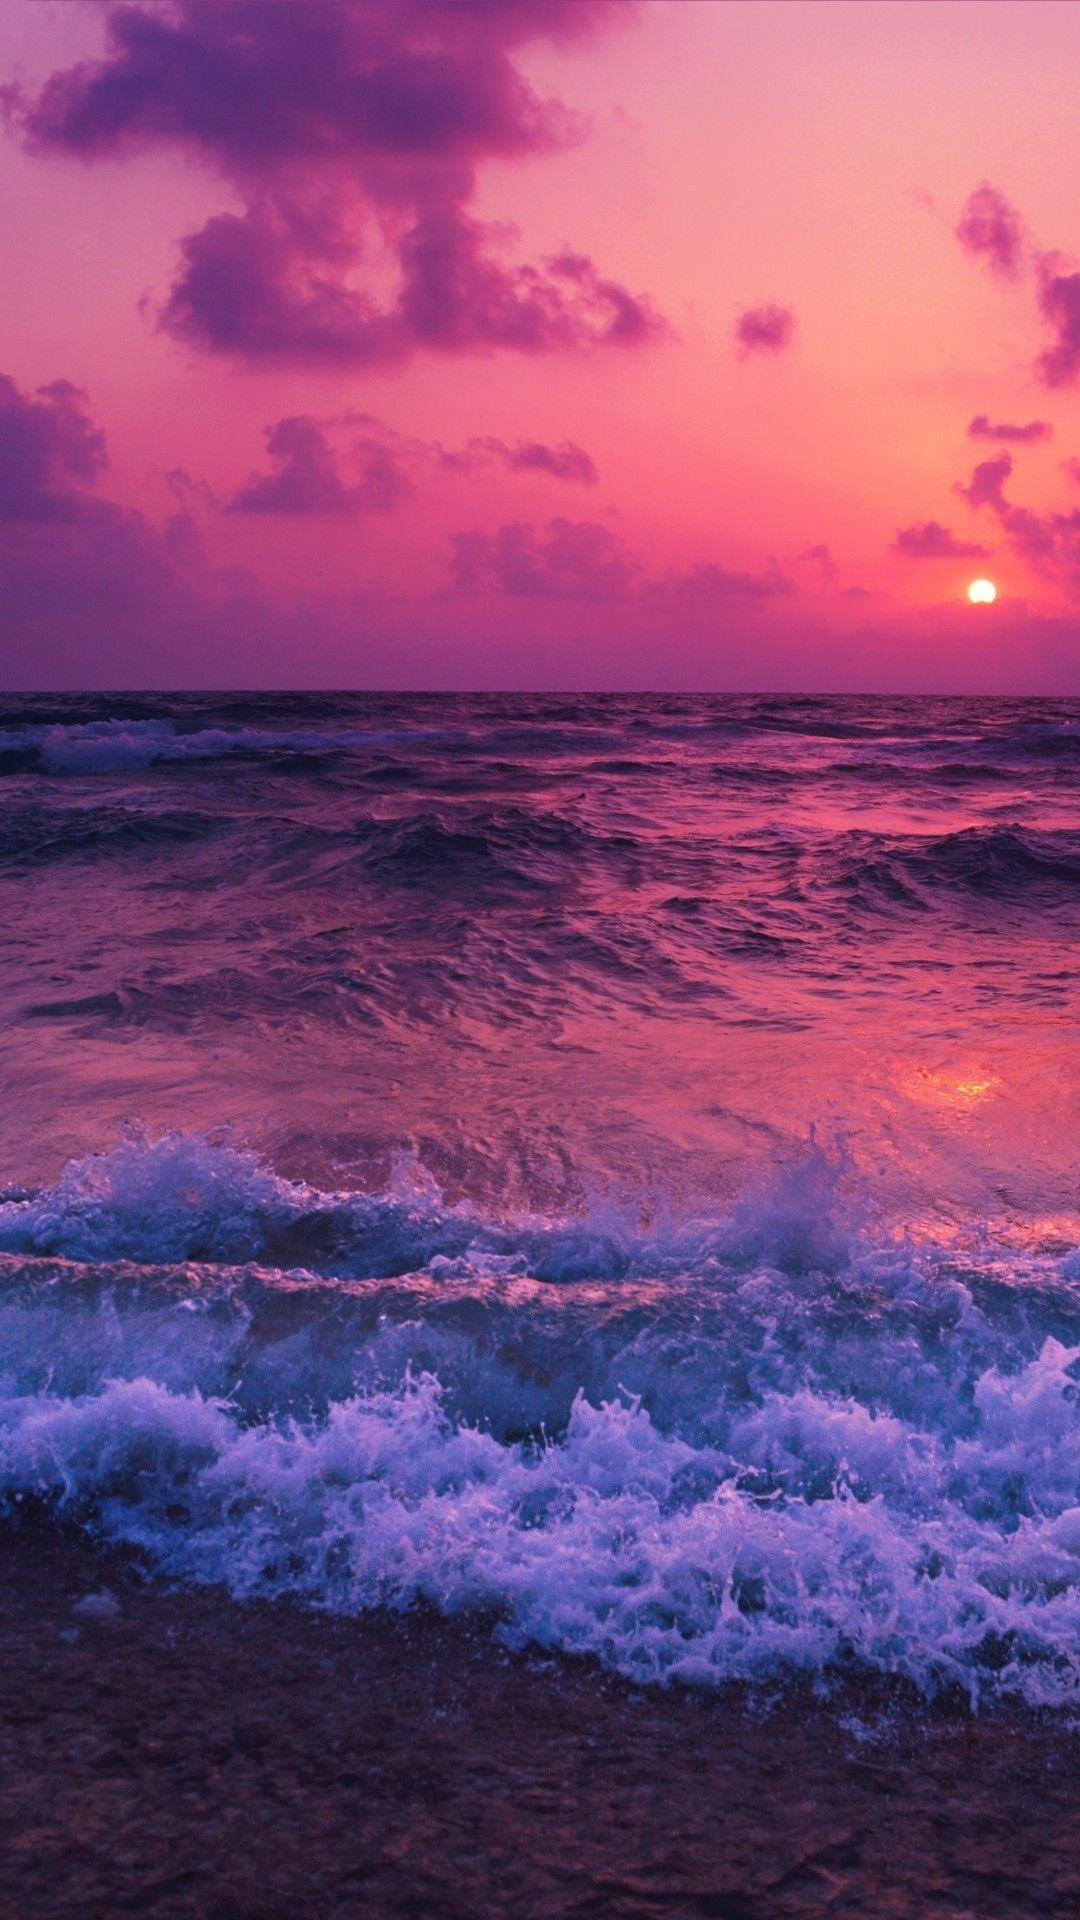 Ocean Sunset Waves Foam Beach Sunset Wallpaper Sky Aesthetic Beach Wallpaper